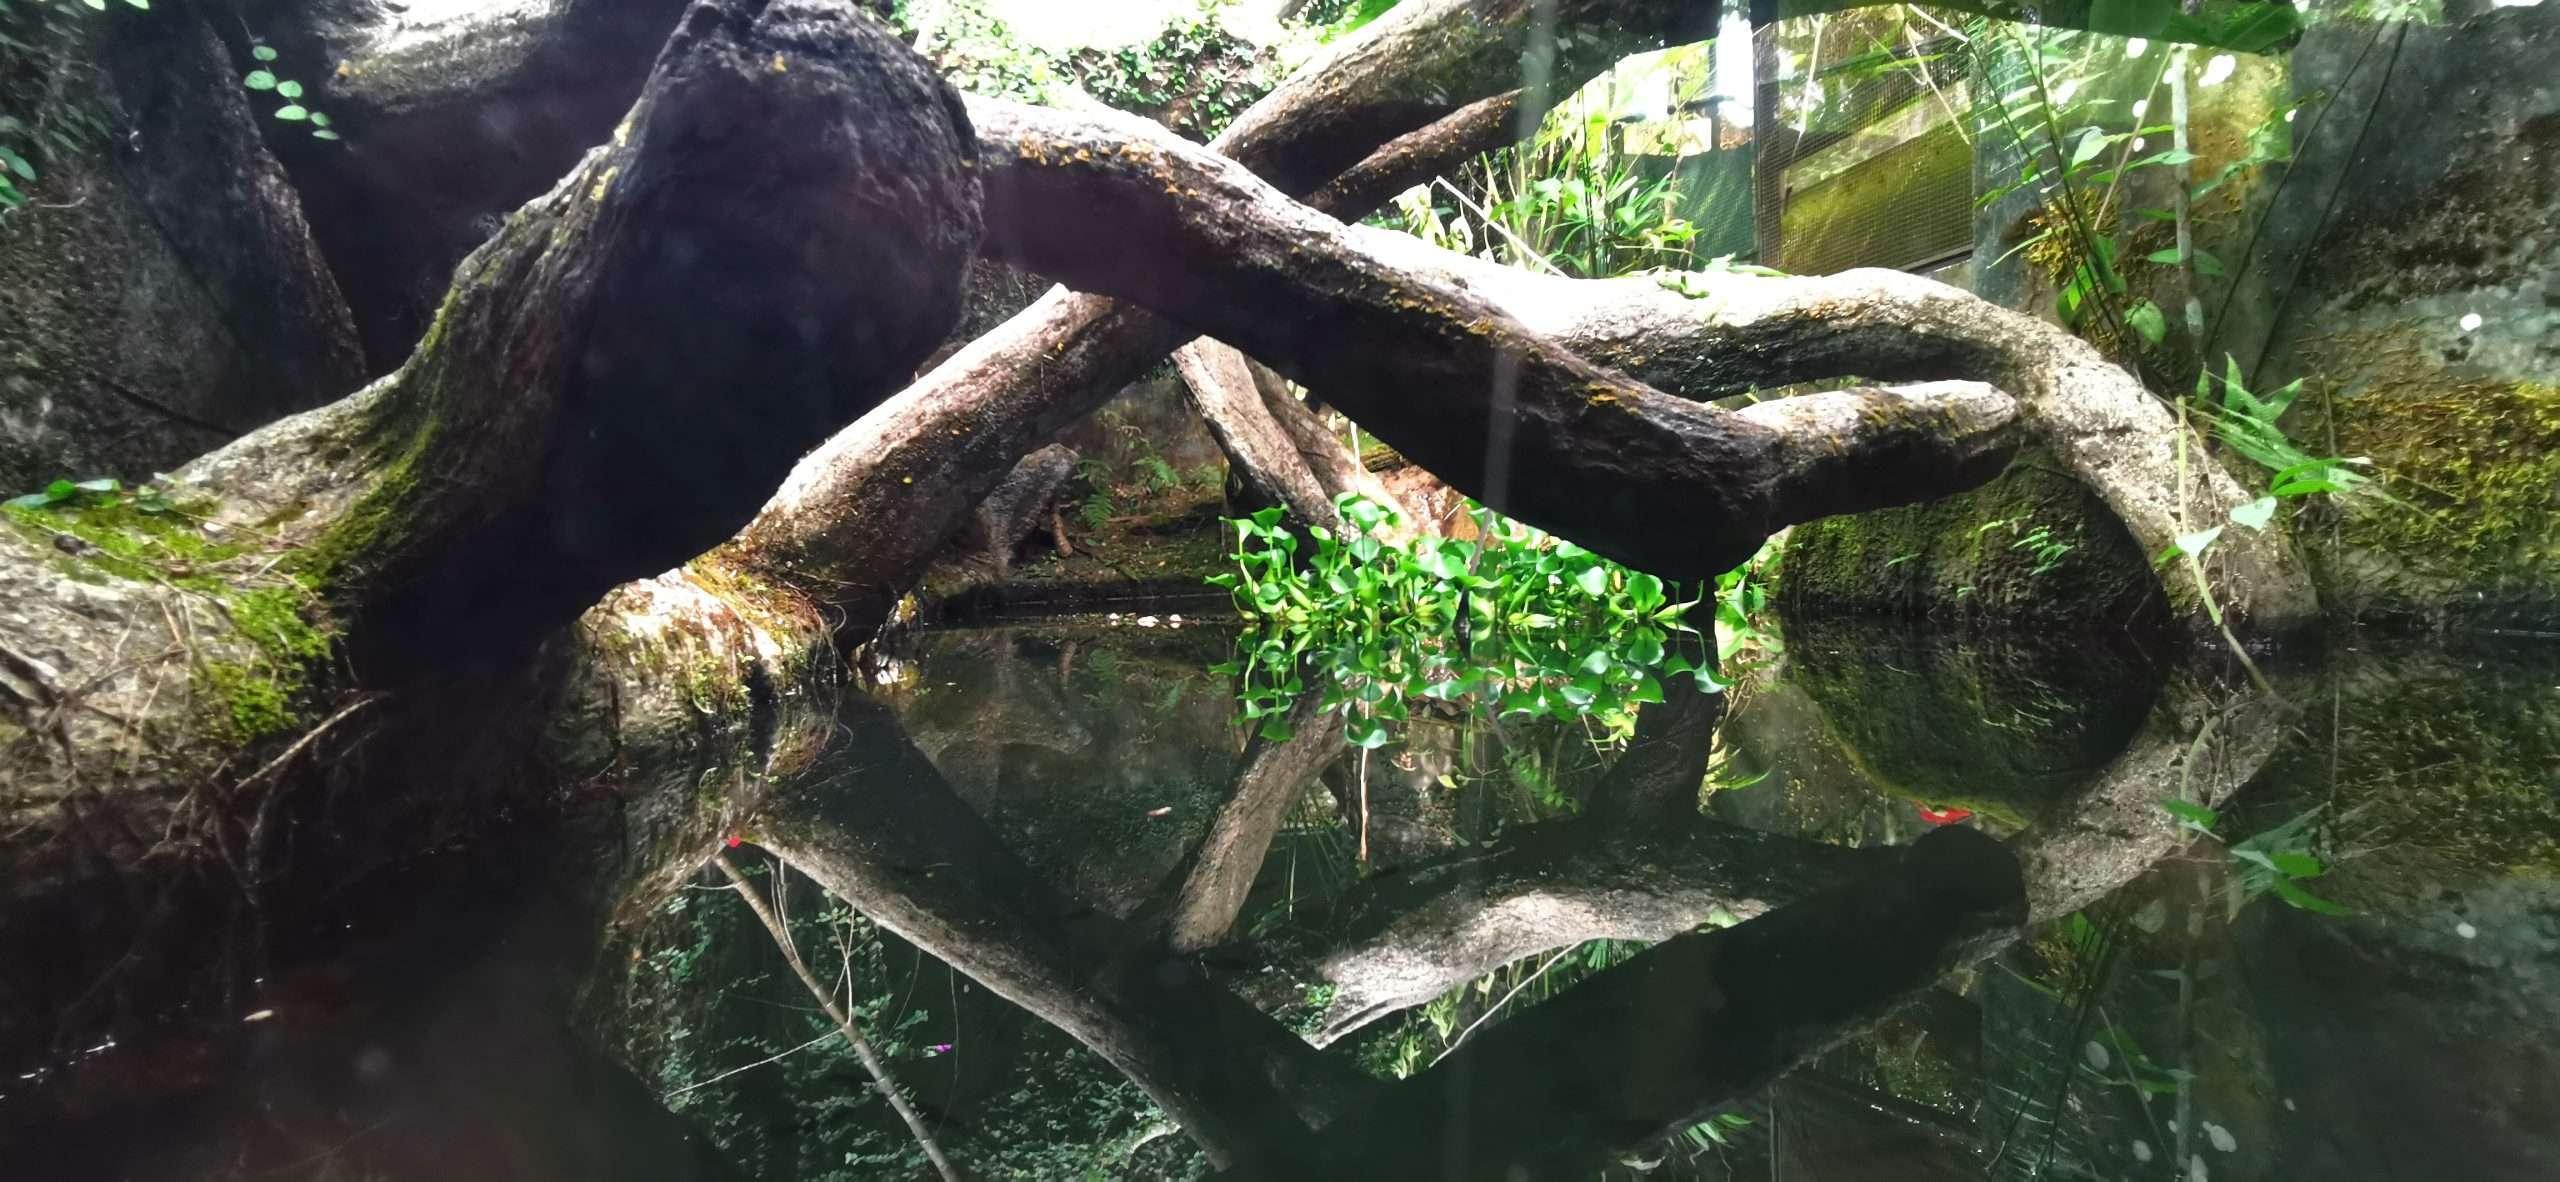 Naturalistic vivariums at Parque Reptilandia 1